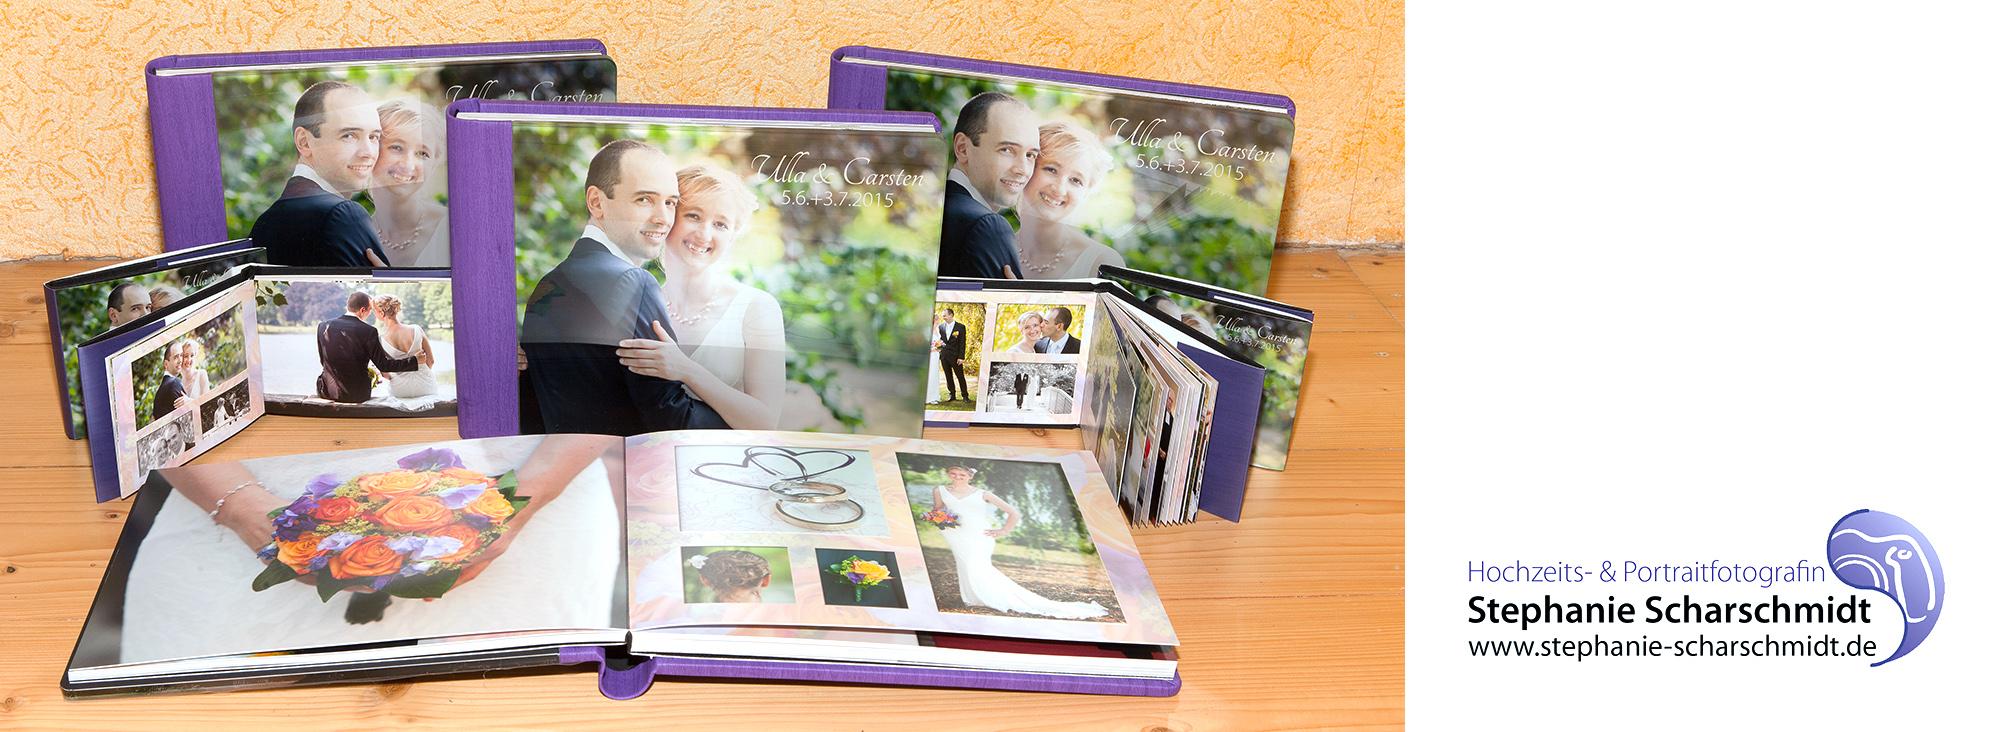 Hochzeitslabum Hochzeitsfotos: Ulla und Carsten (Krefeld Friedenskirche, Gasthaus Lüthemühle Nettetal)